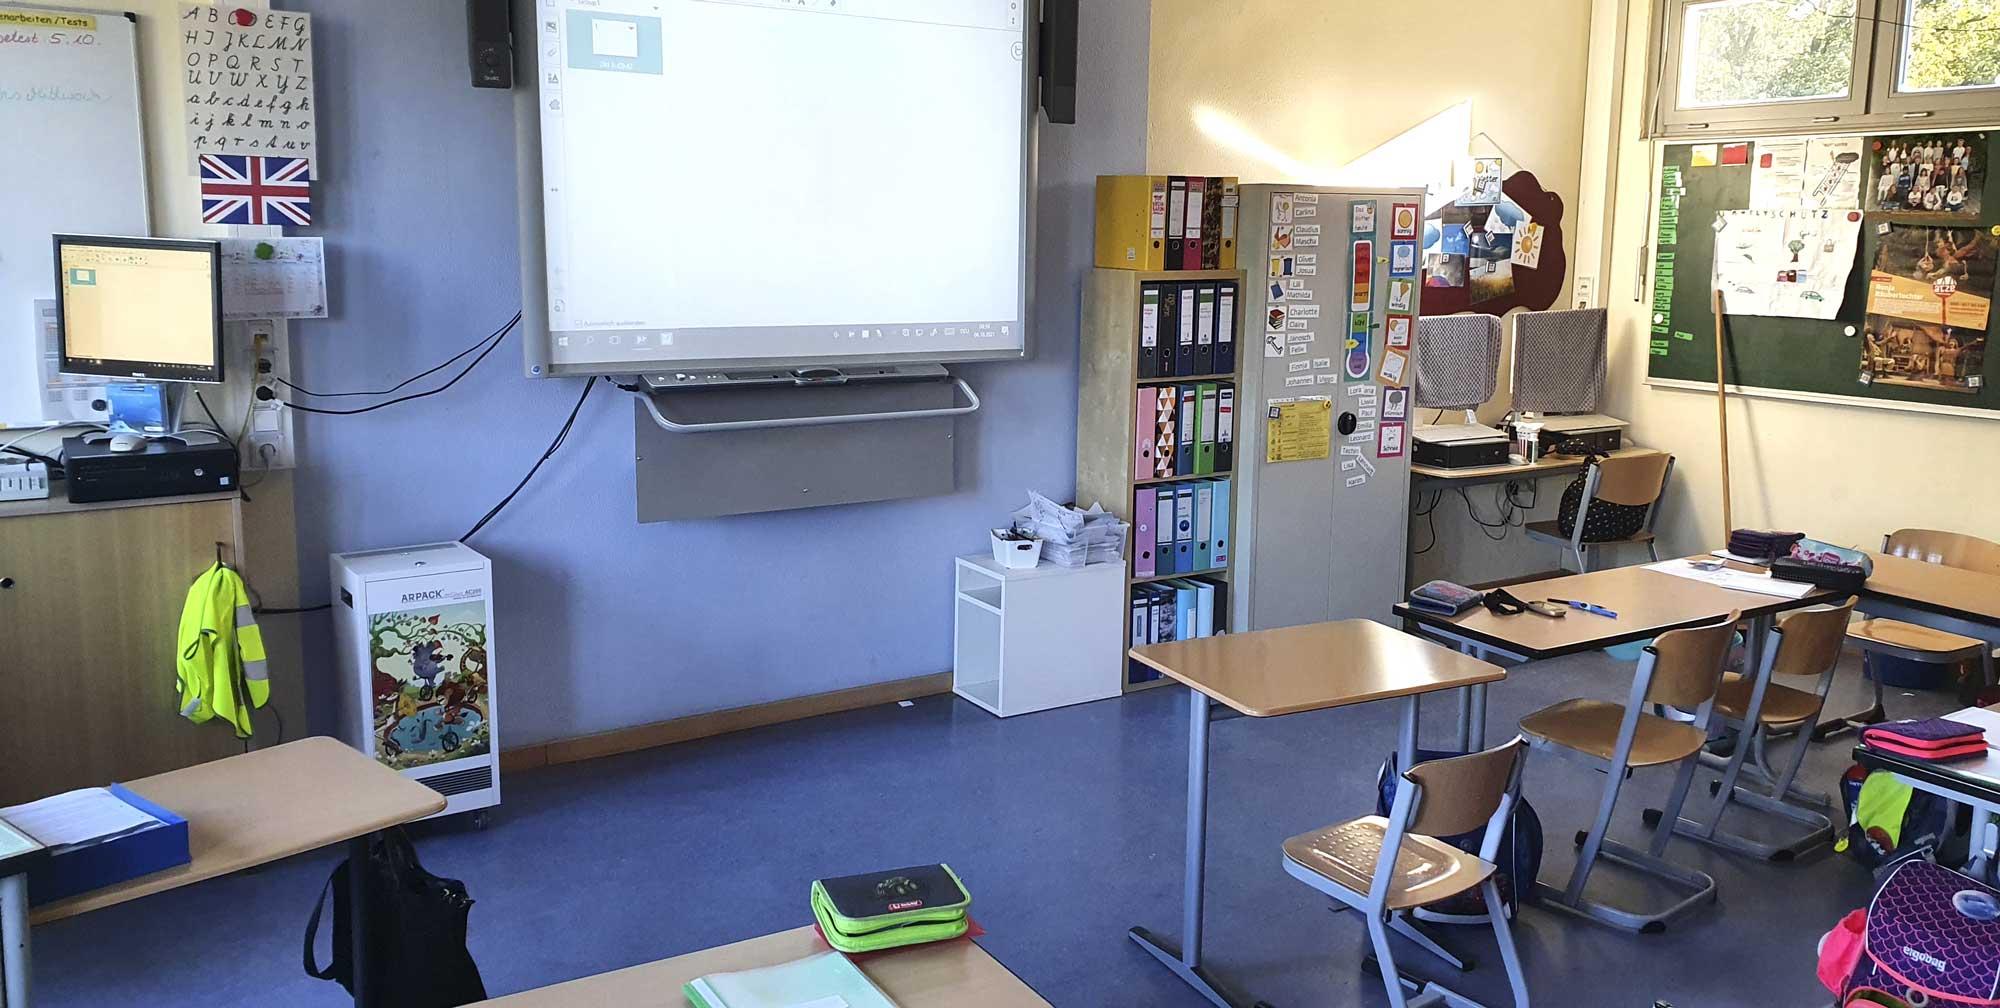 Mühlenau Grundschule Arpack Luftreinigungsgeräte AC200